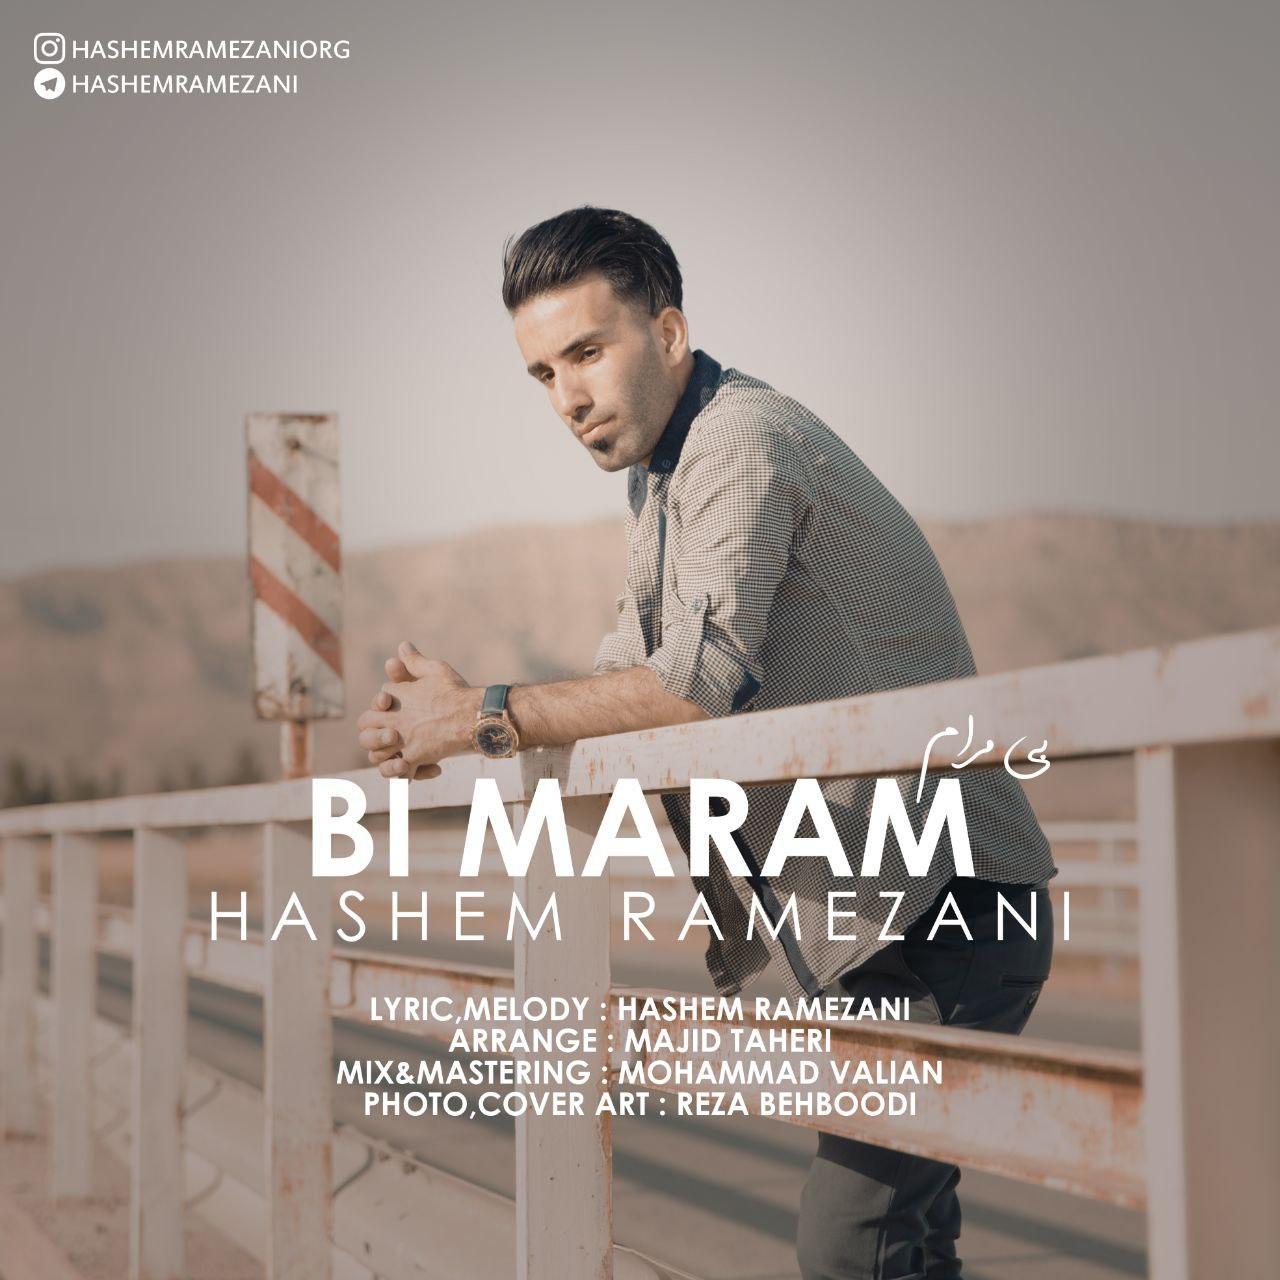 دانلود آهنگ جدید هاشم رمضانی بنام بی مرام